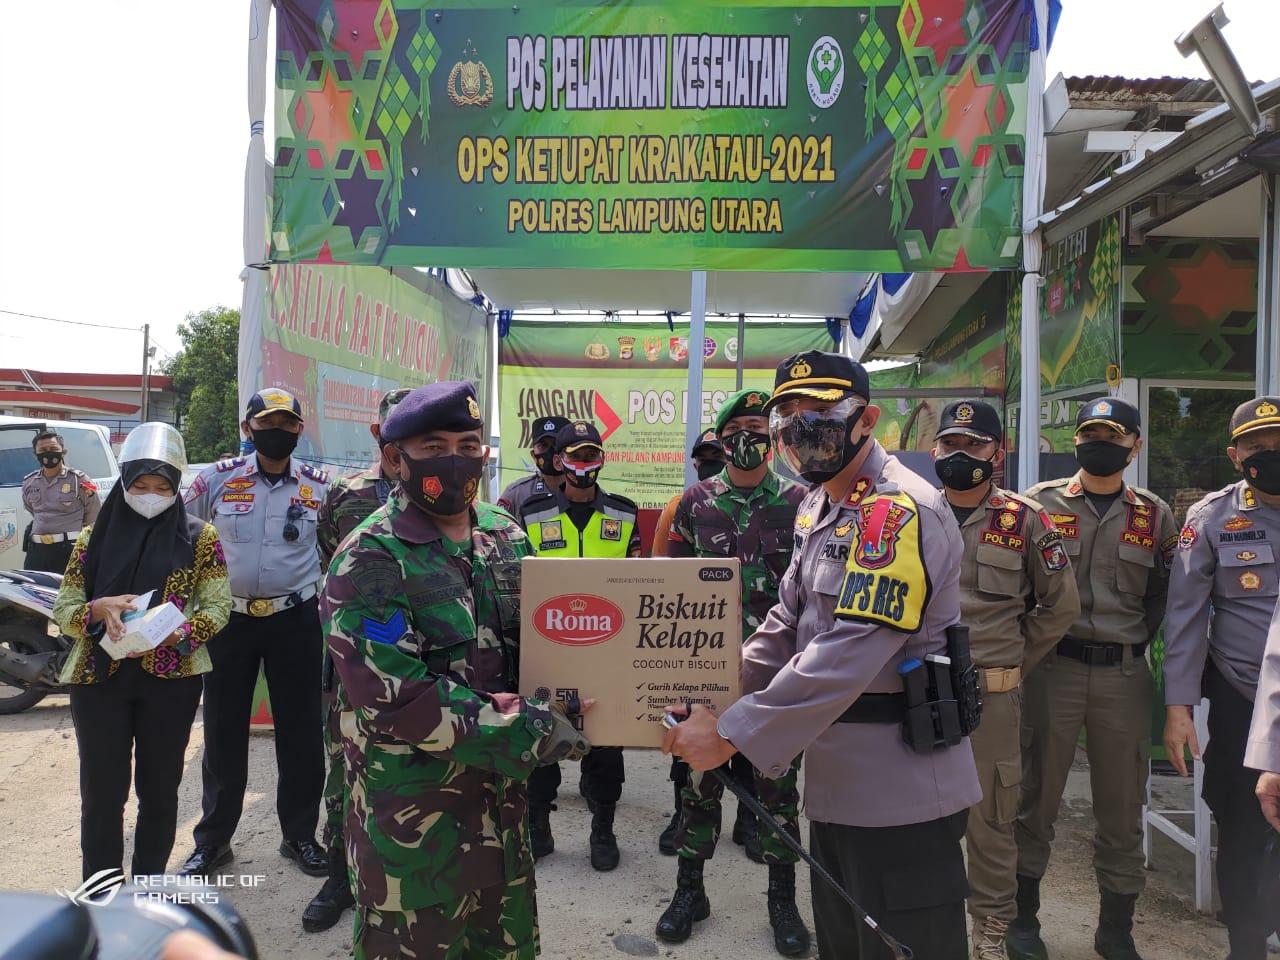 Pastikan Pelaksanaan OKK 2021 berjalan baik Waka Polda Lampung Kunjungi Pos Pengamanan Simpang Propau Lampung Utara